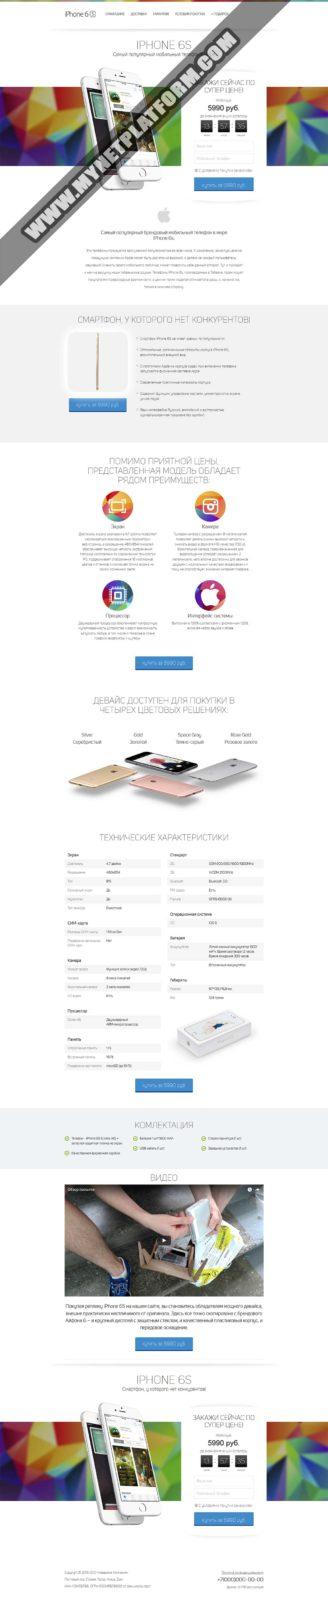 Скриншот Готового лендинга Iphone 6s 002